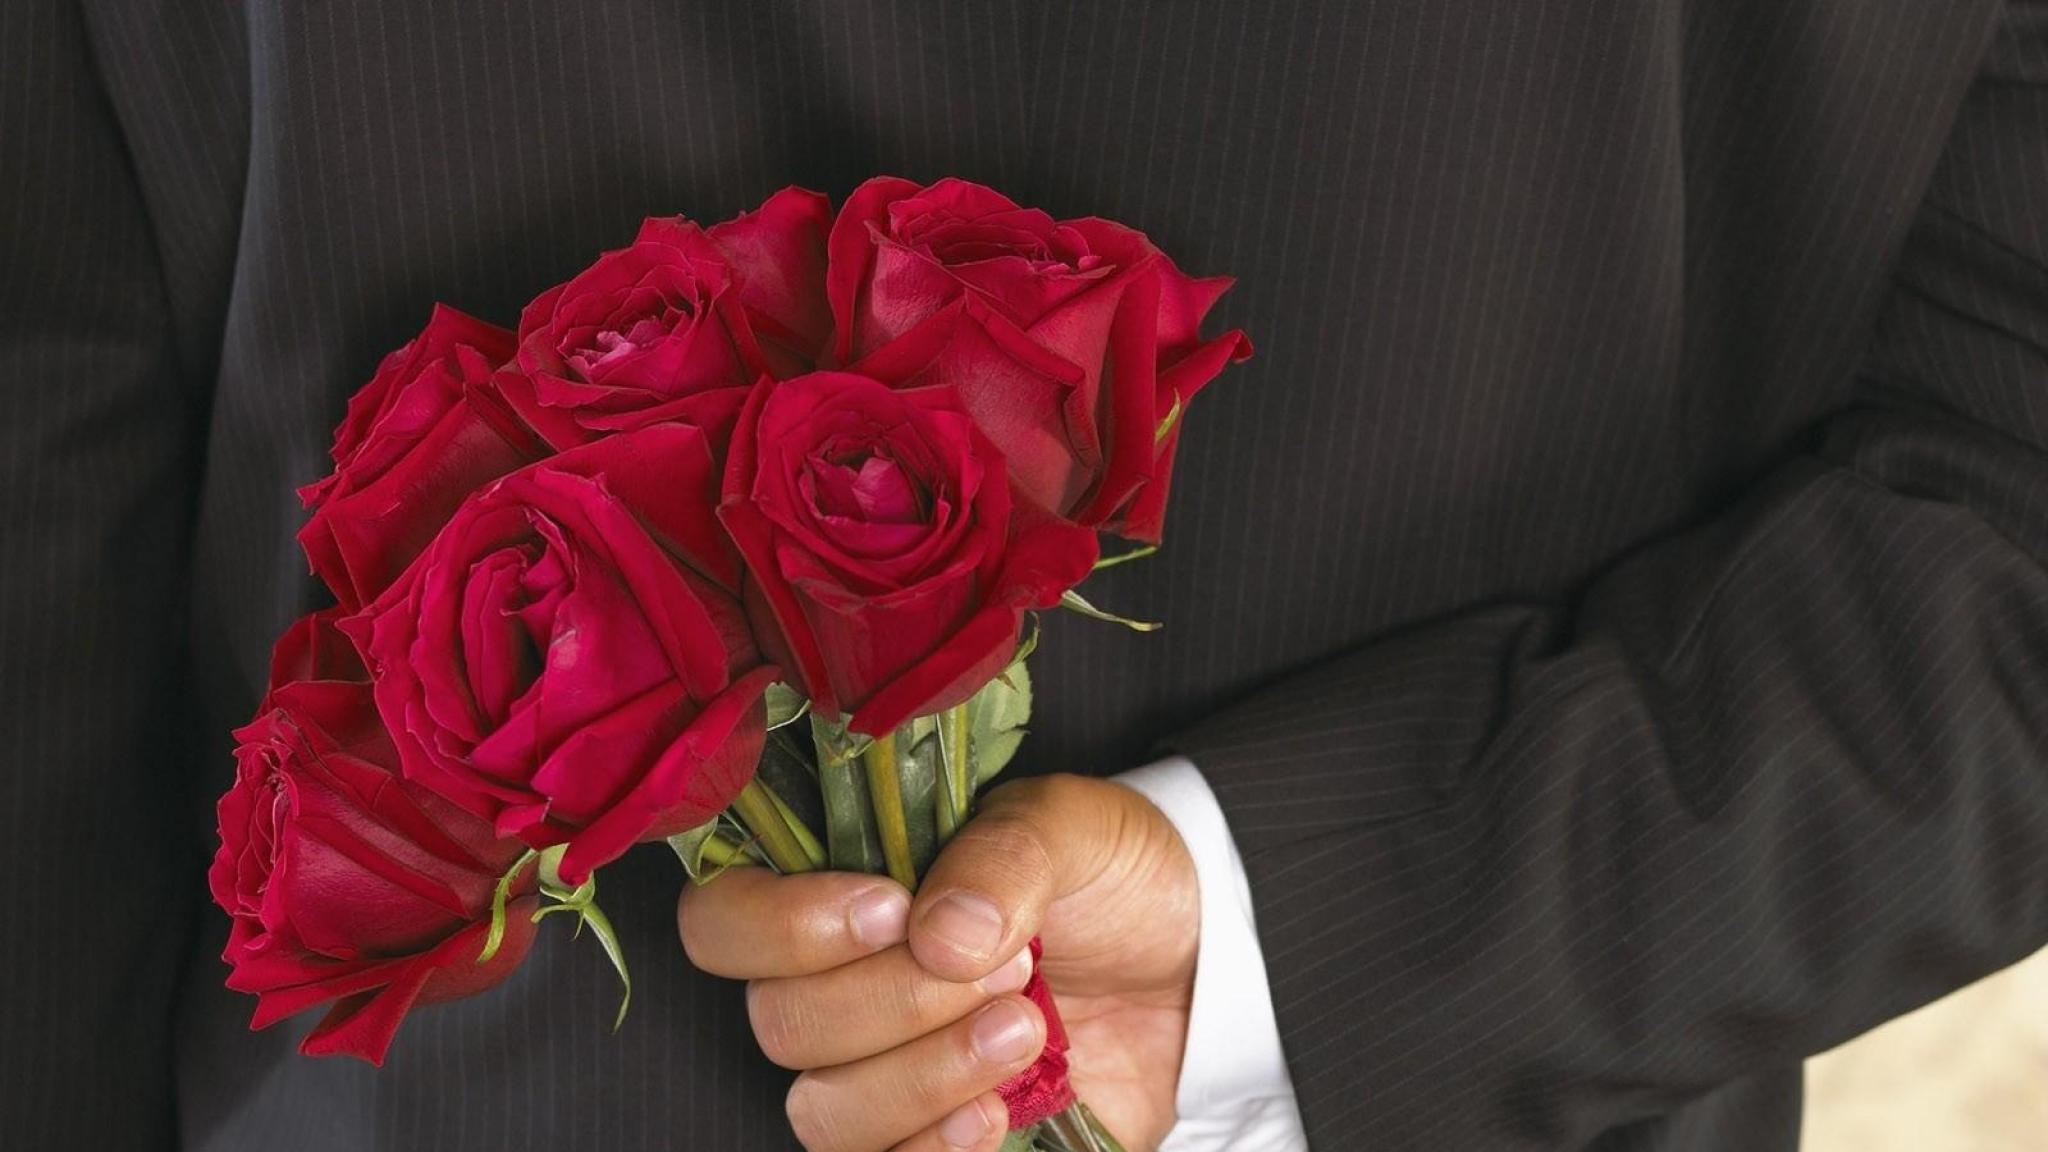 roses_flowers_bouquet_man_hand_surprise_41032_2048x1152-2